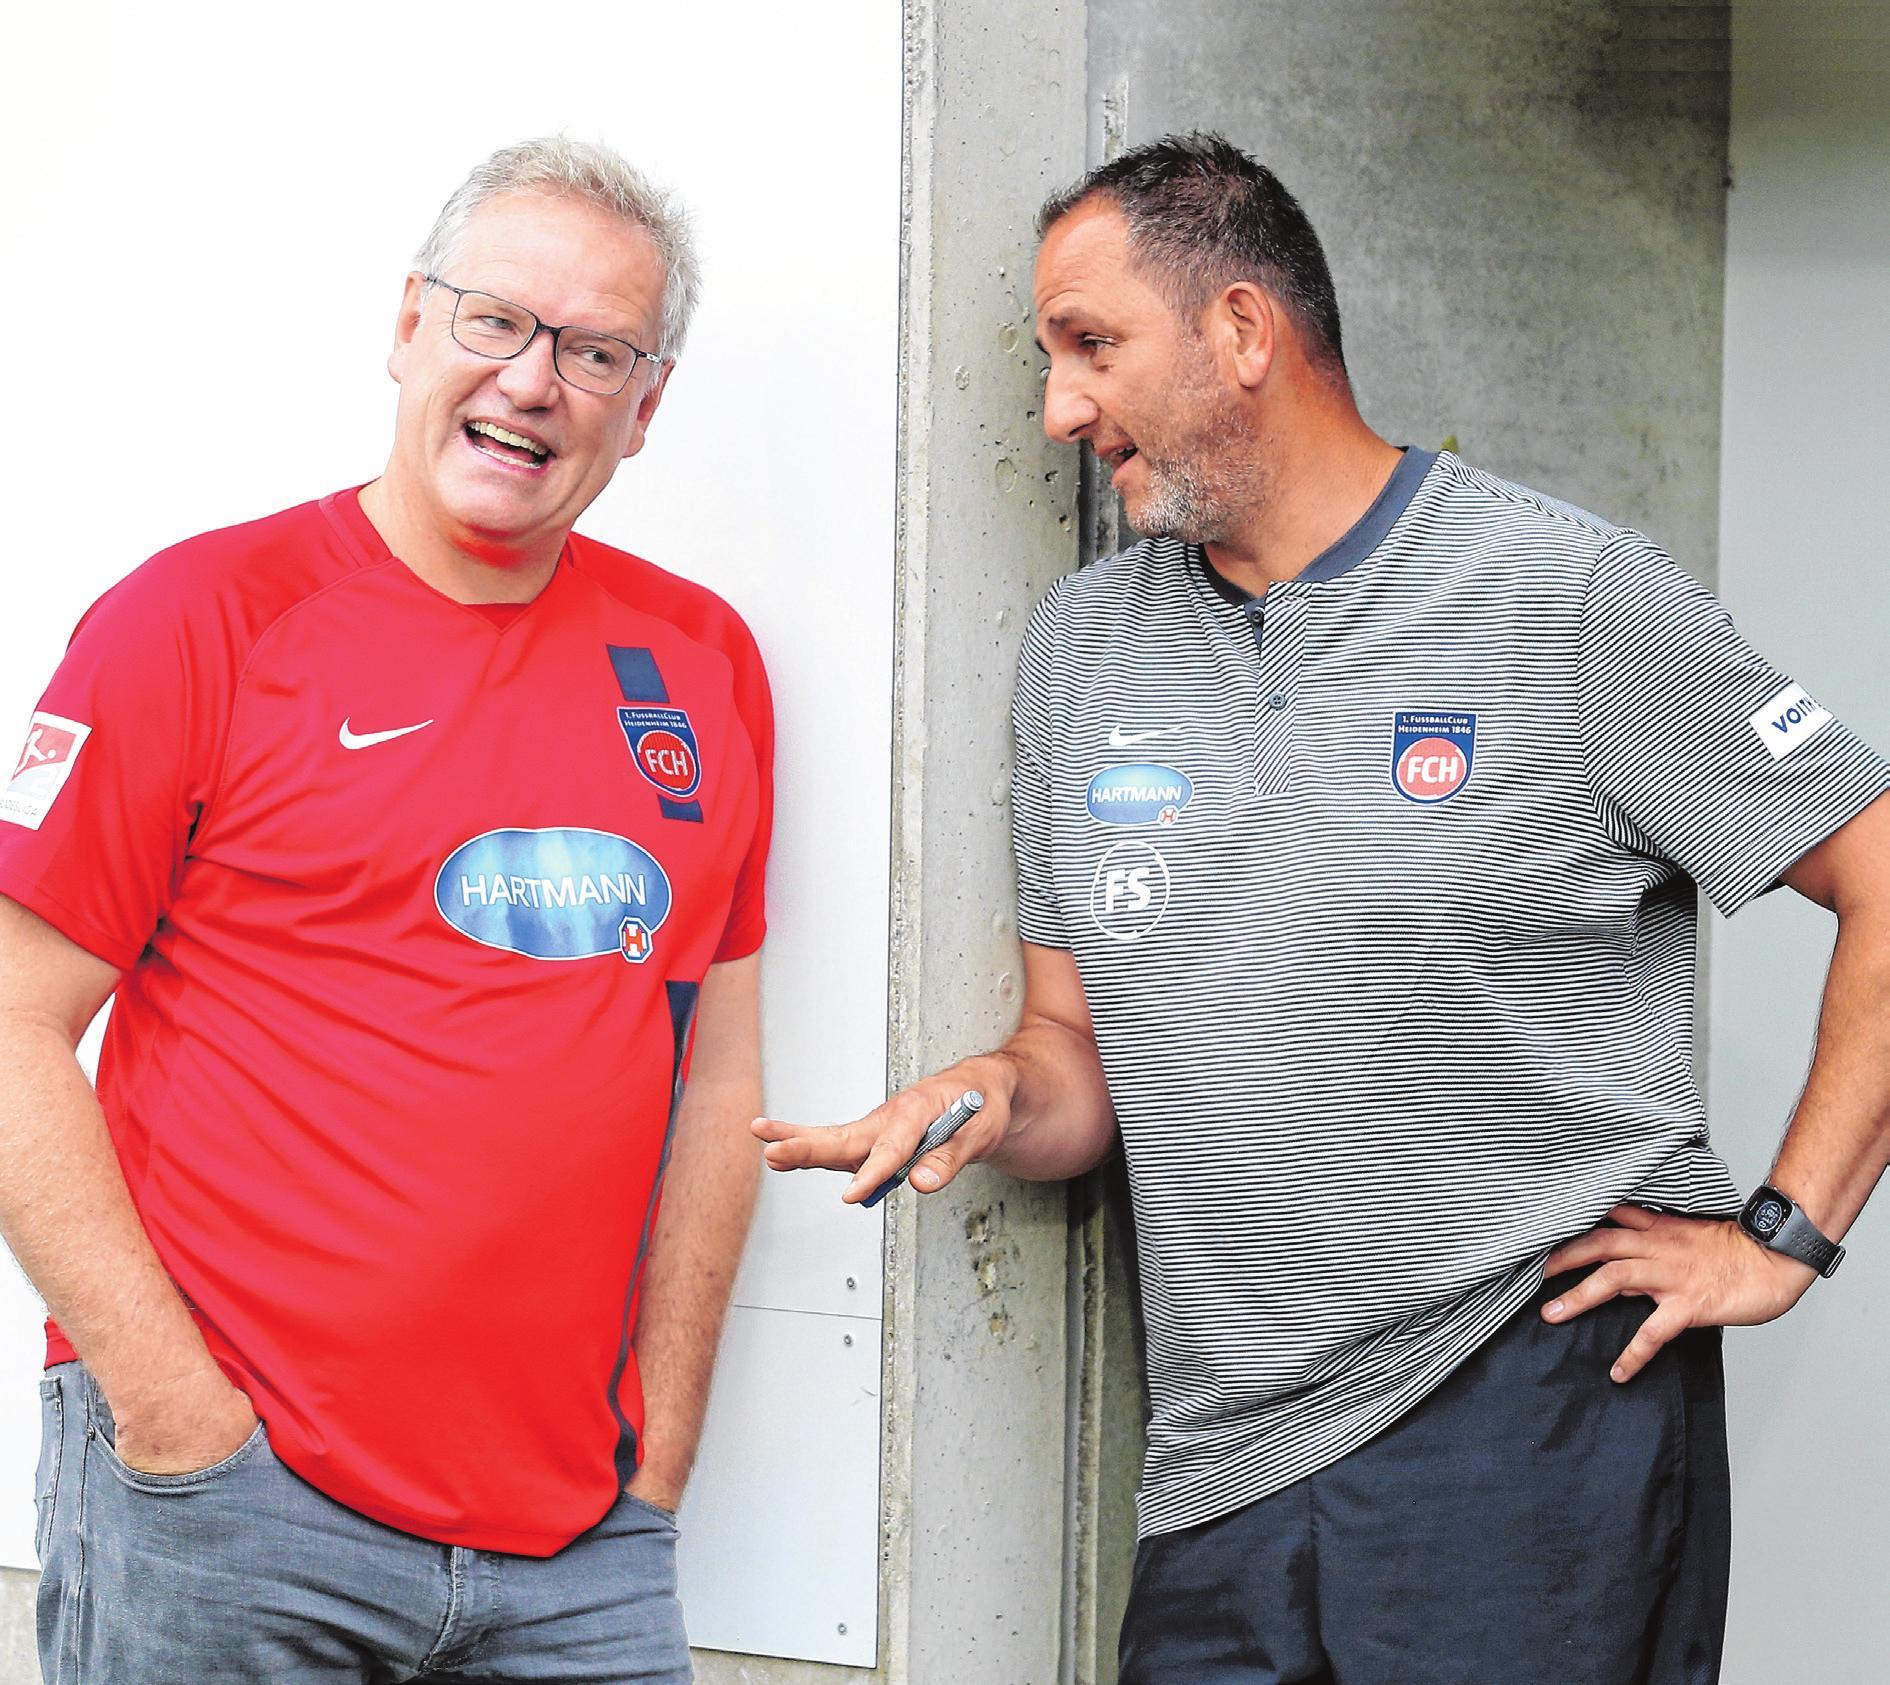 Holger Sanwald (FCH Vorstandsvorsitzender) und Frank Schmidt (FCH Cheftrainer) freuen sich auf die Saison 2019/20